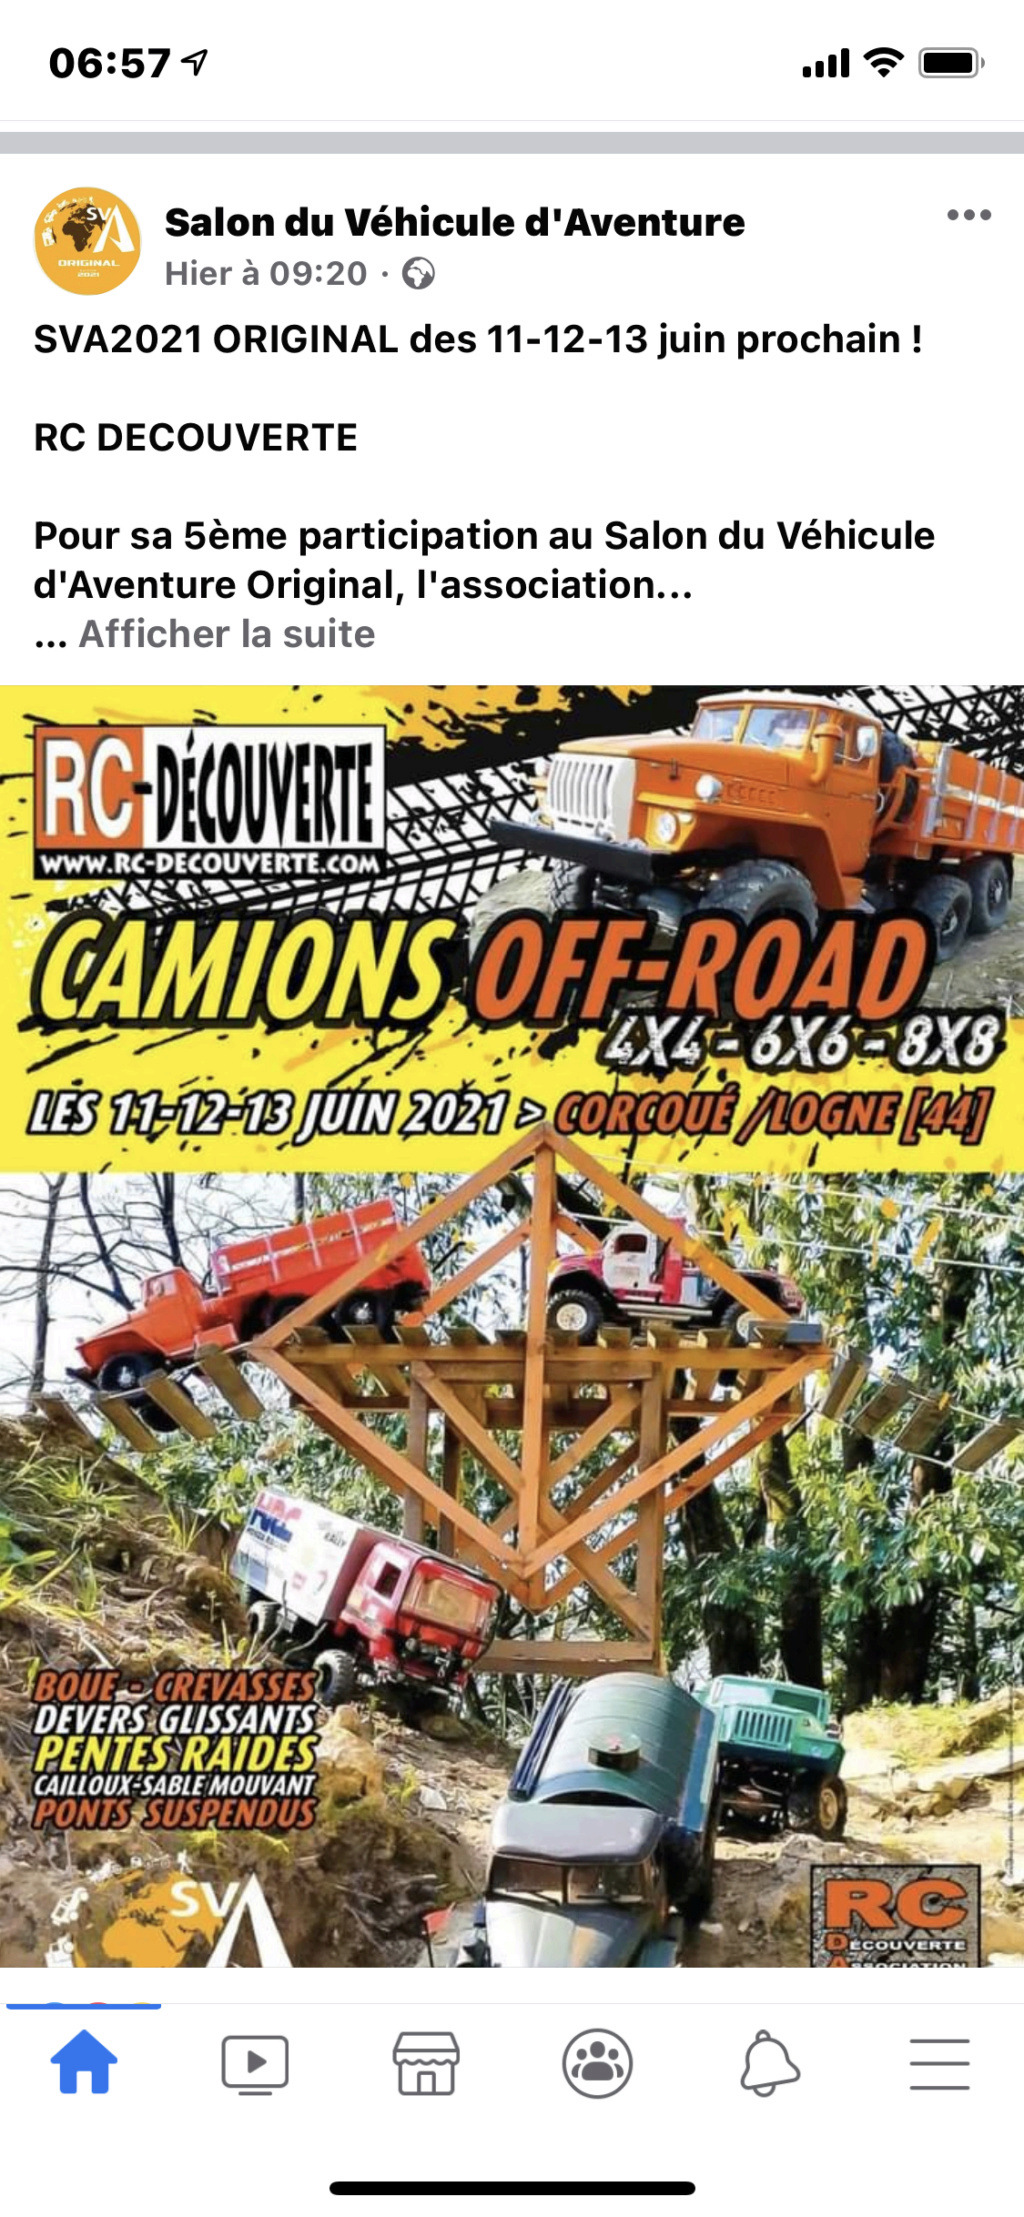 Salon du Véhicule d'Aventure SVA 2021 - Corcoué sur Logne (44) : du 11 au 13 juin - Page 4 7473b910